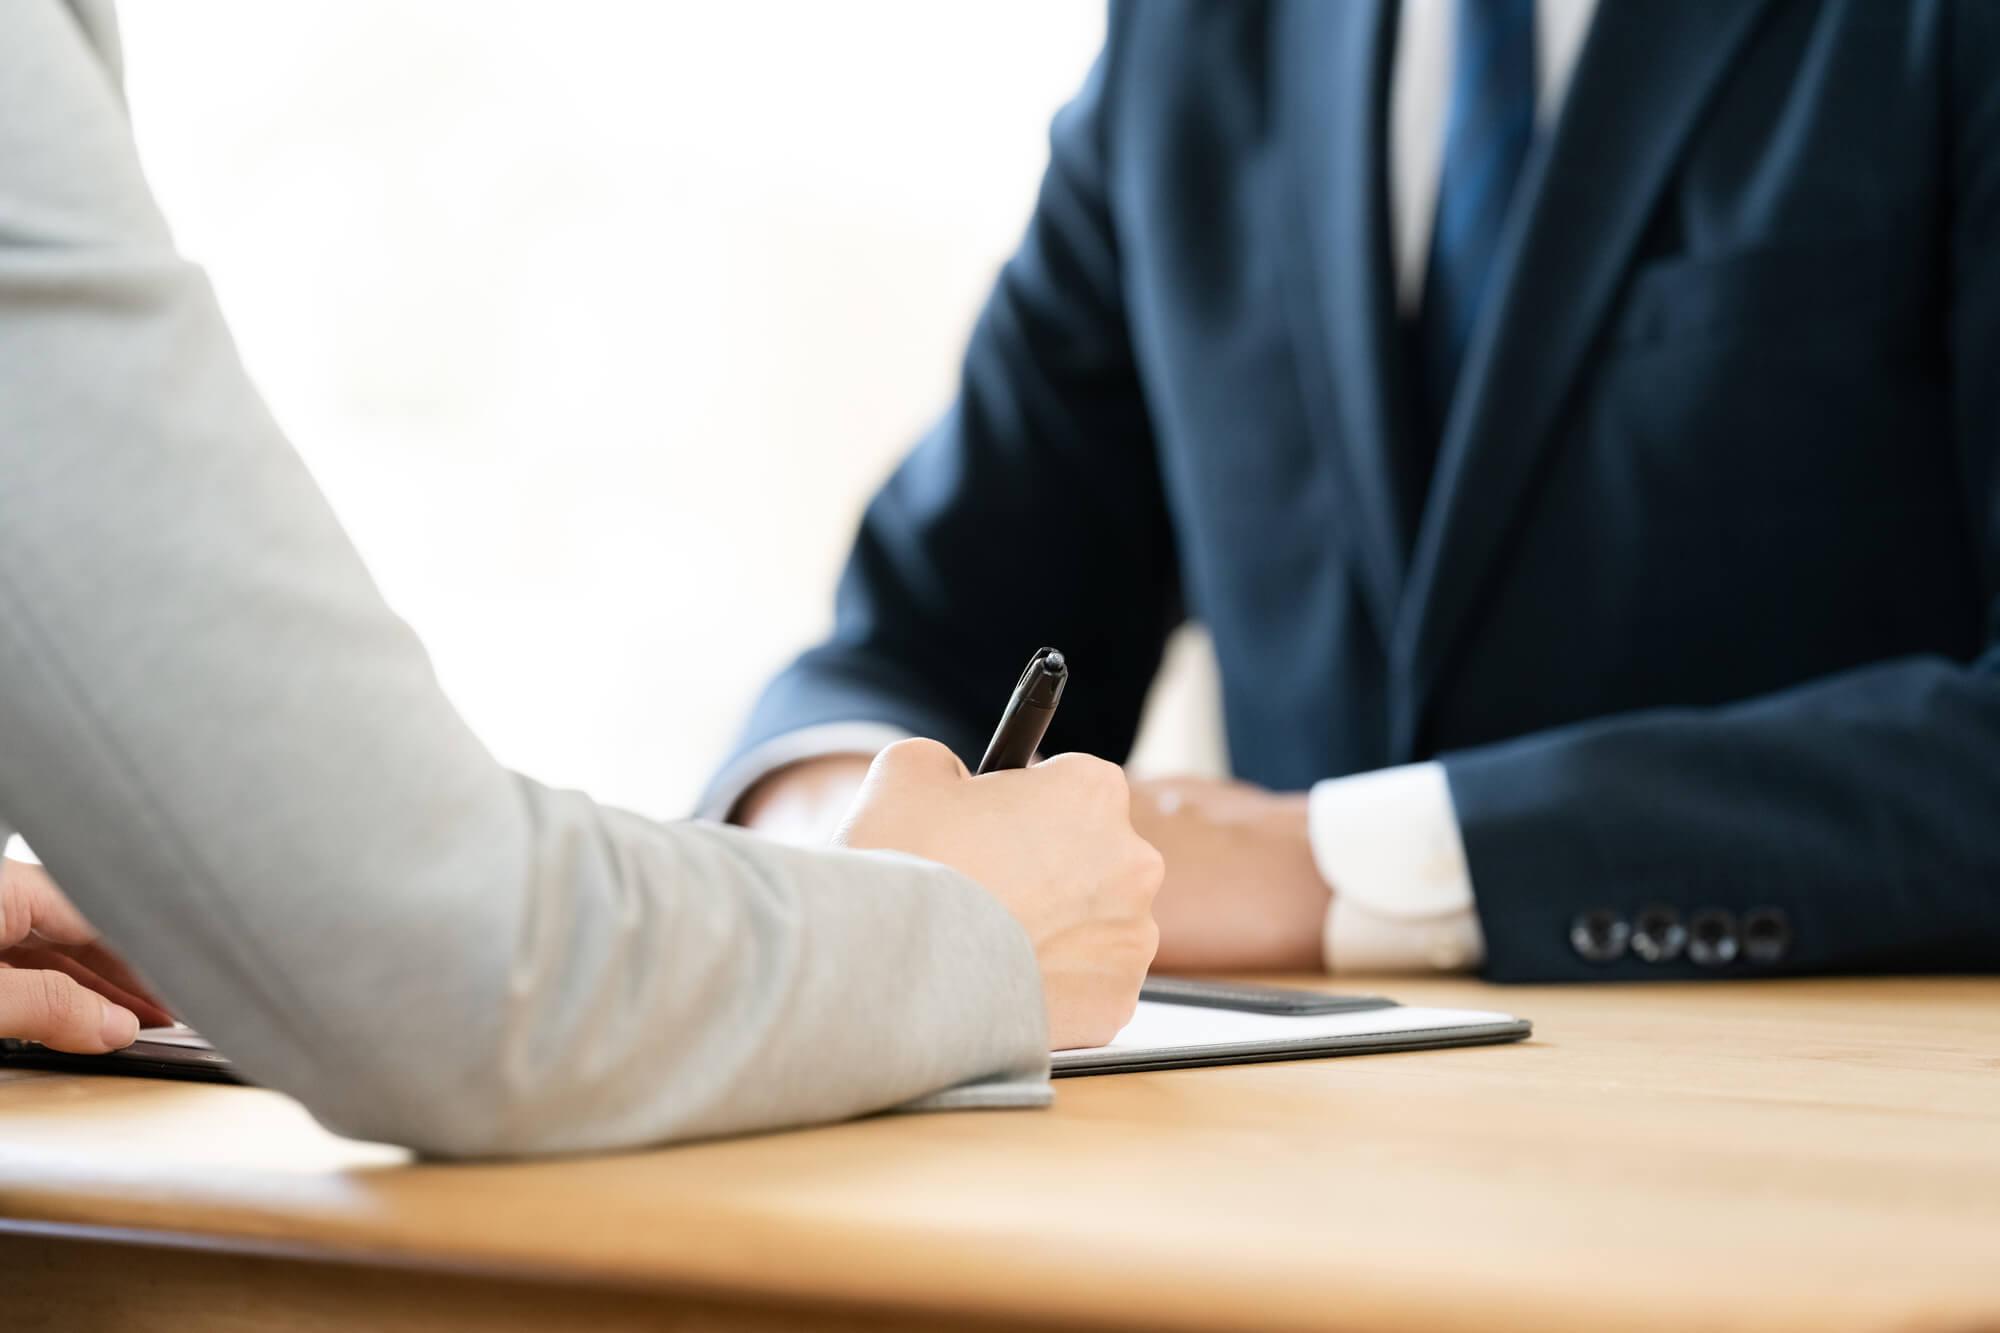 不動産投資では「サブリース」に注意! メリットとデメリット、トラブルのリスクを解説